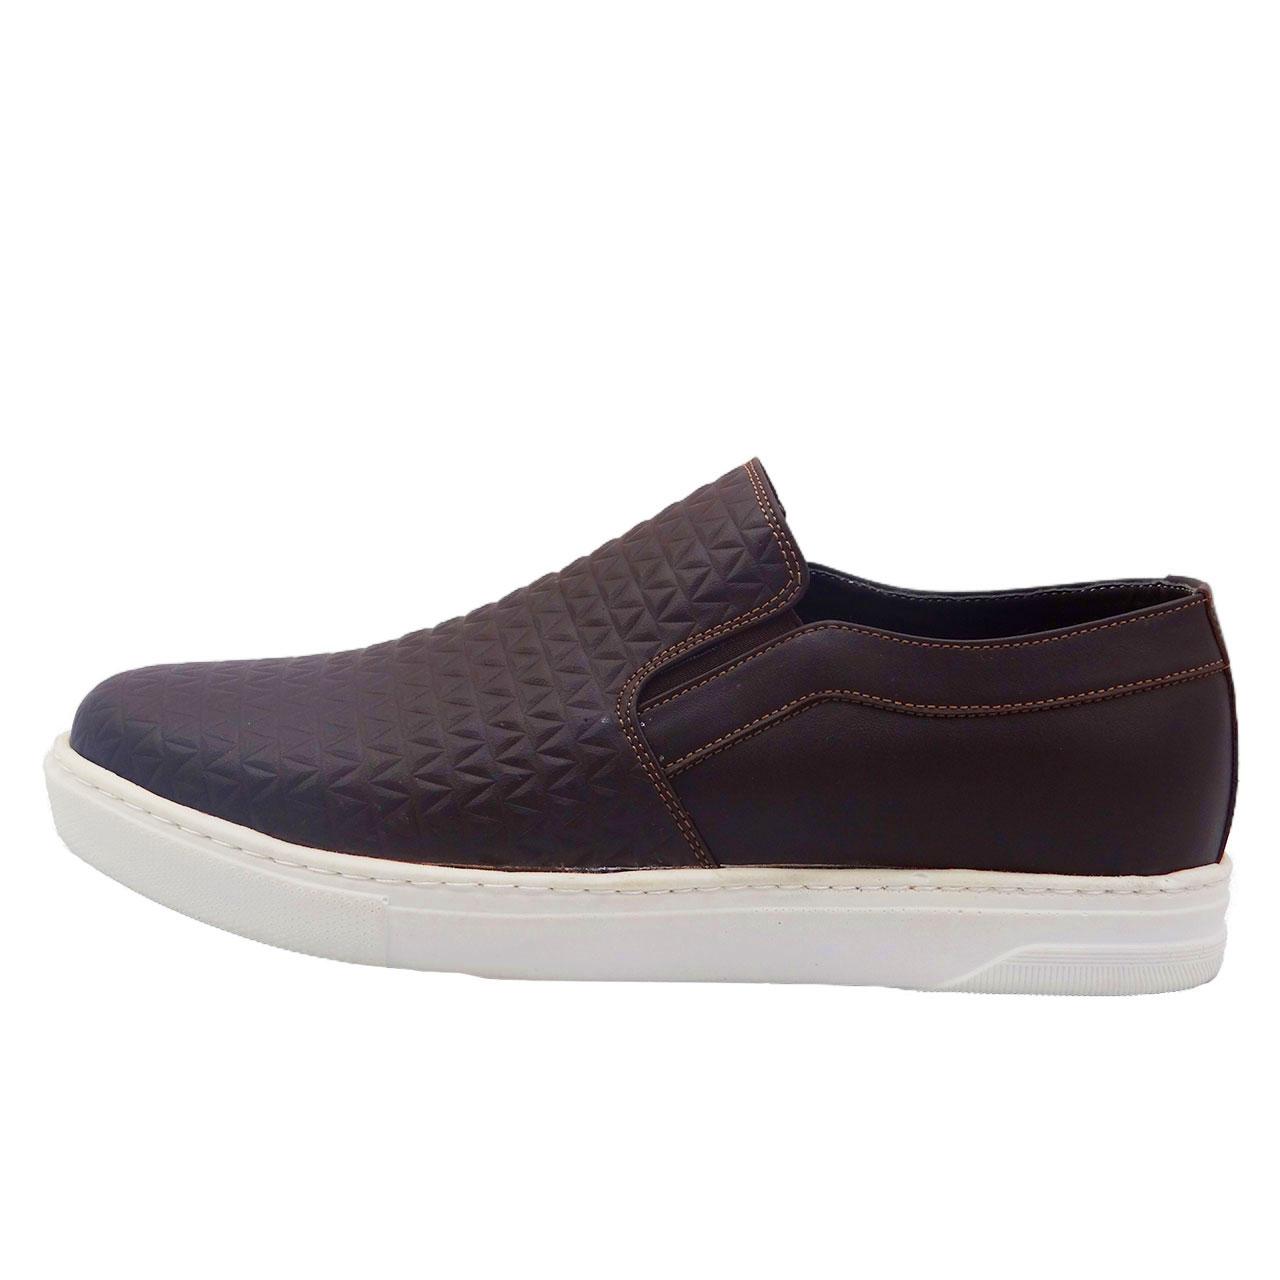 قیمت کفش چرمی مردانه مدل کروکو کد A2